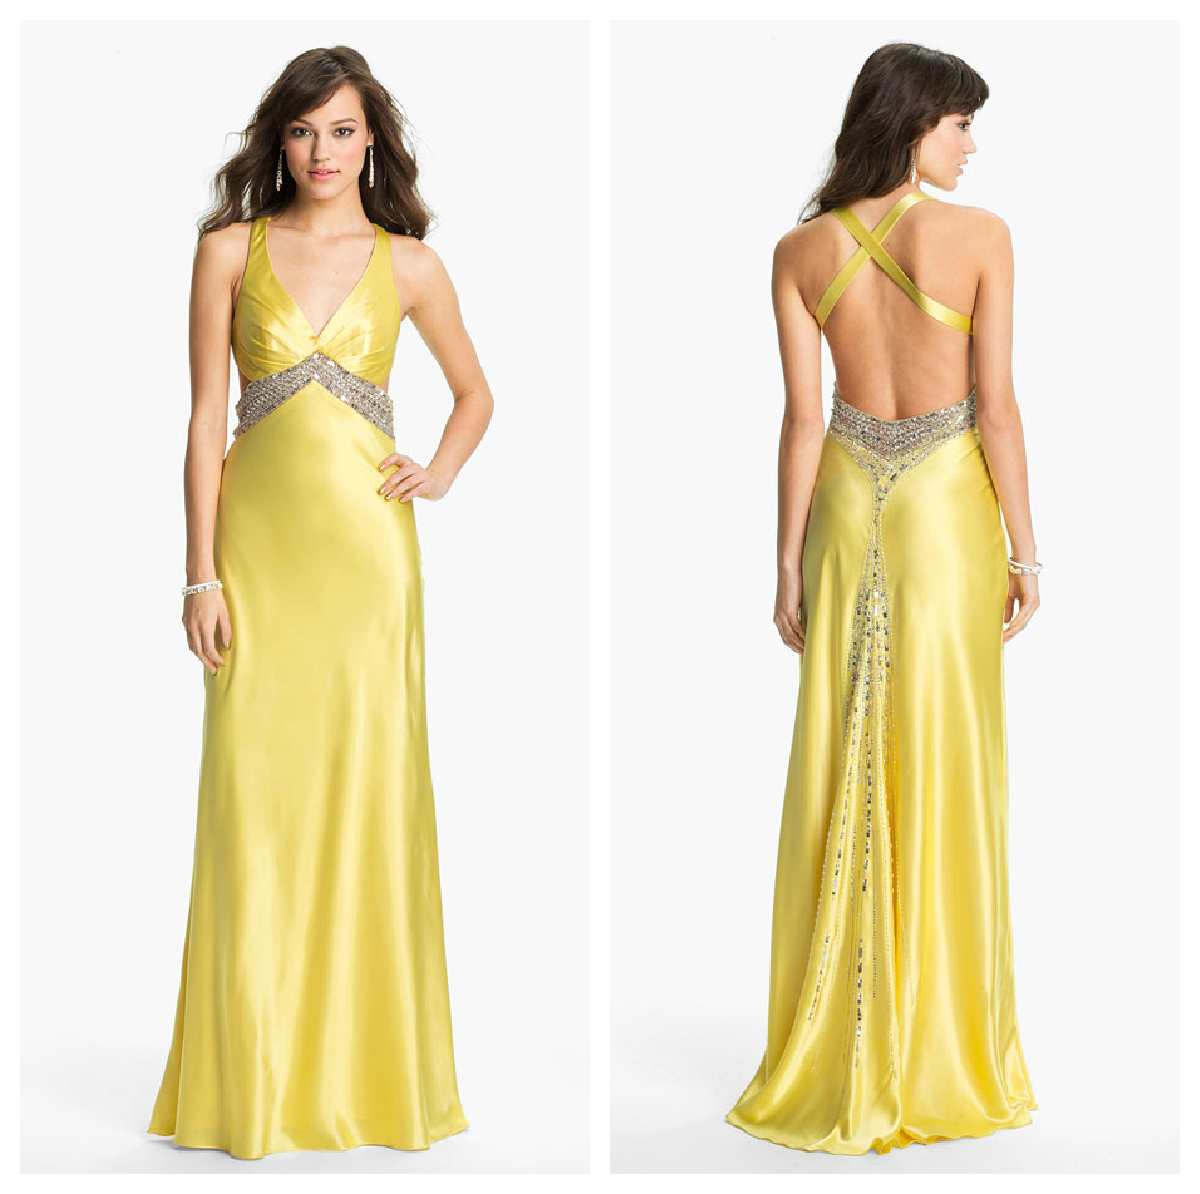 Prom dresses at nordstroms